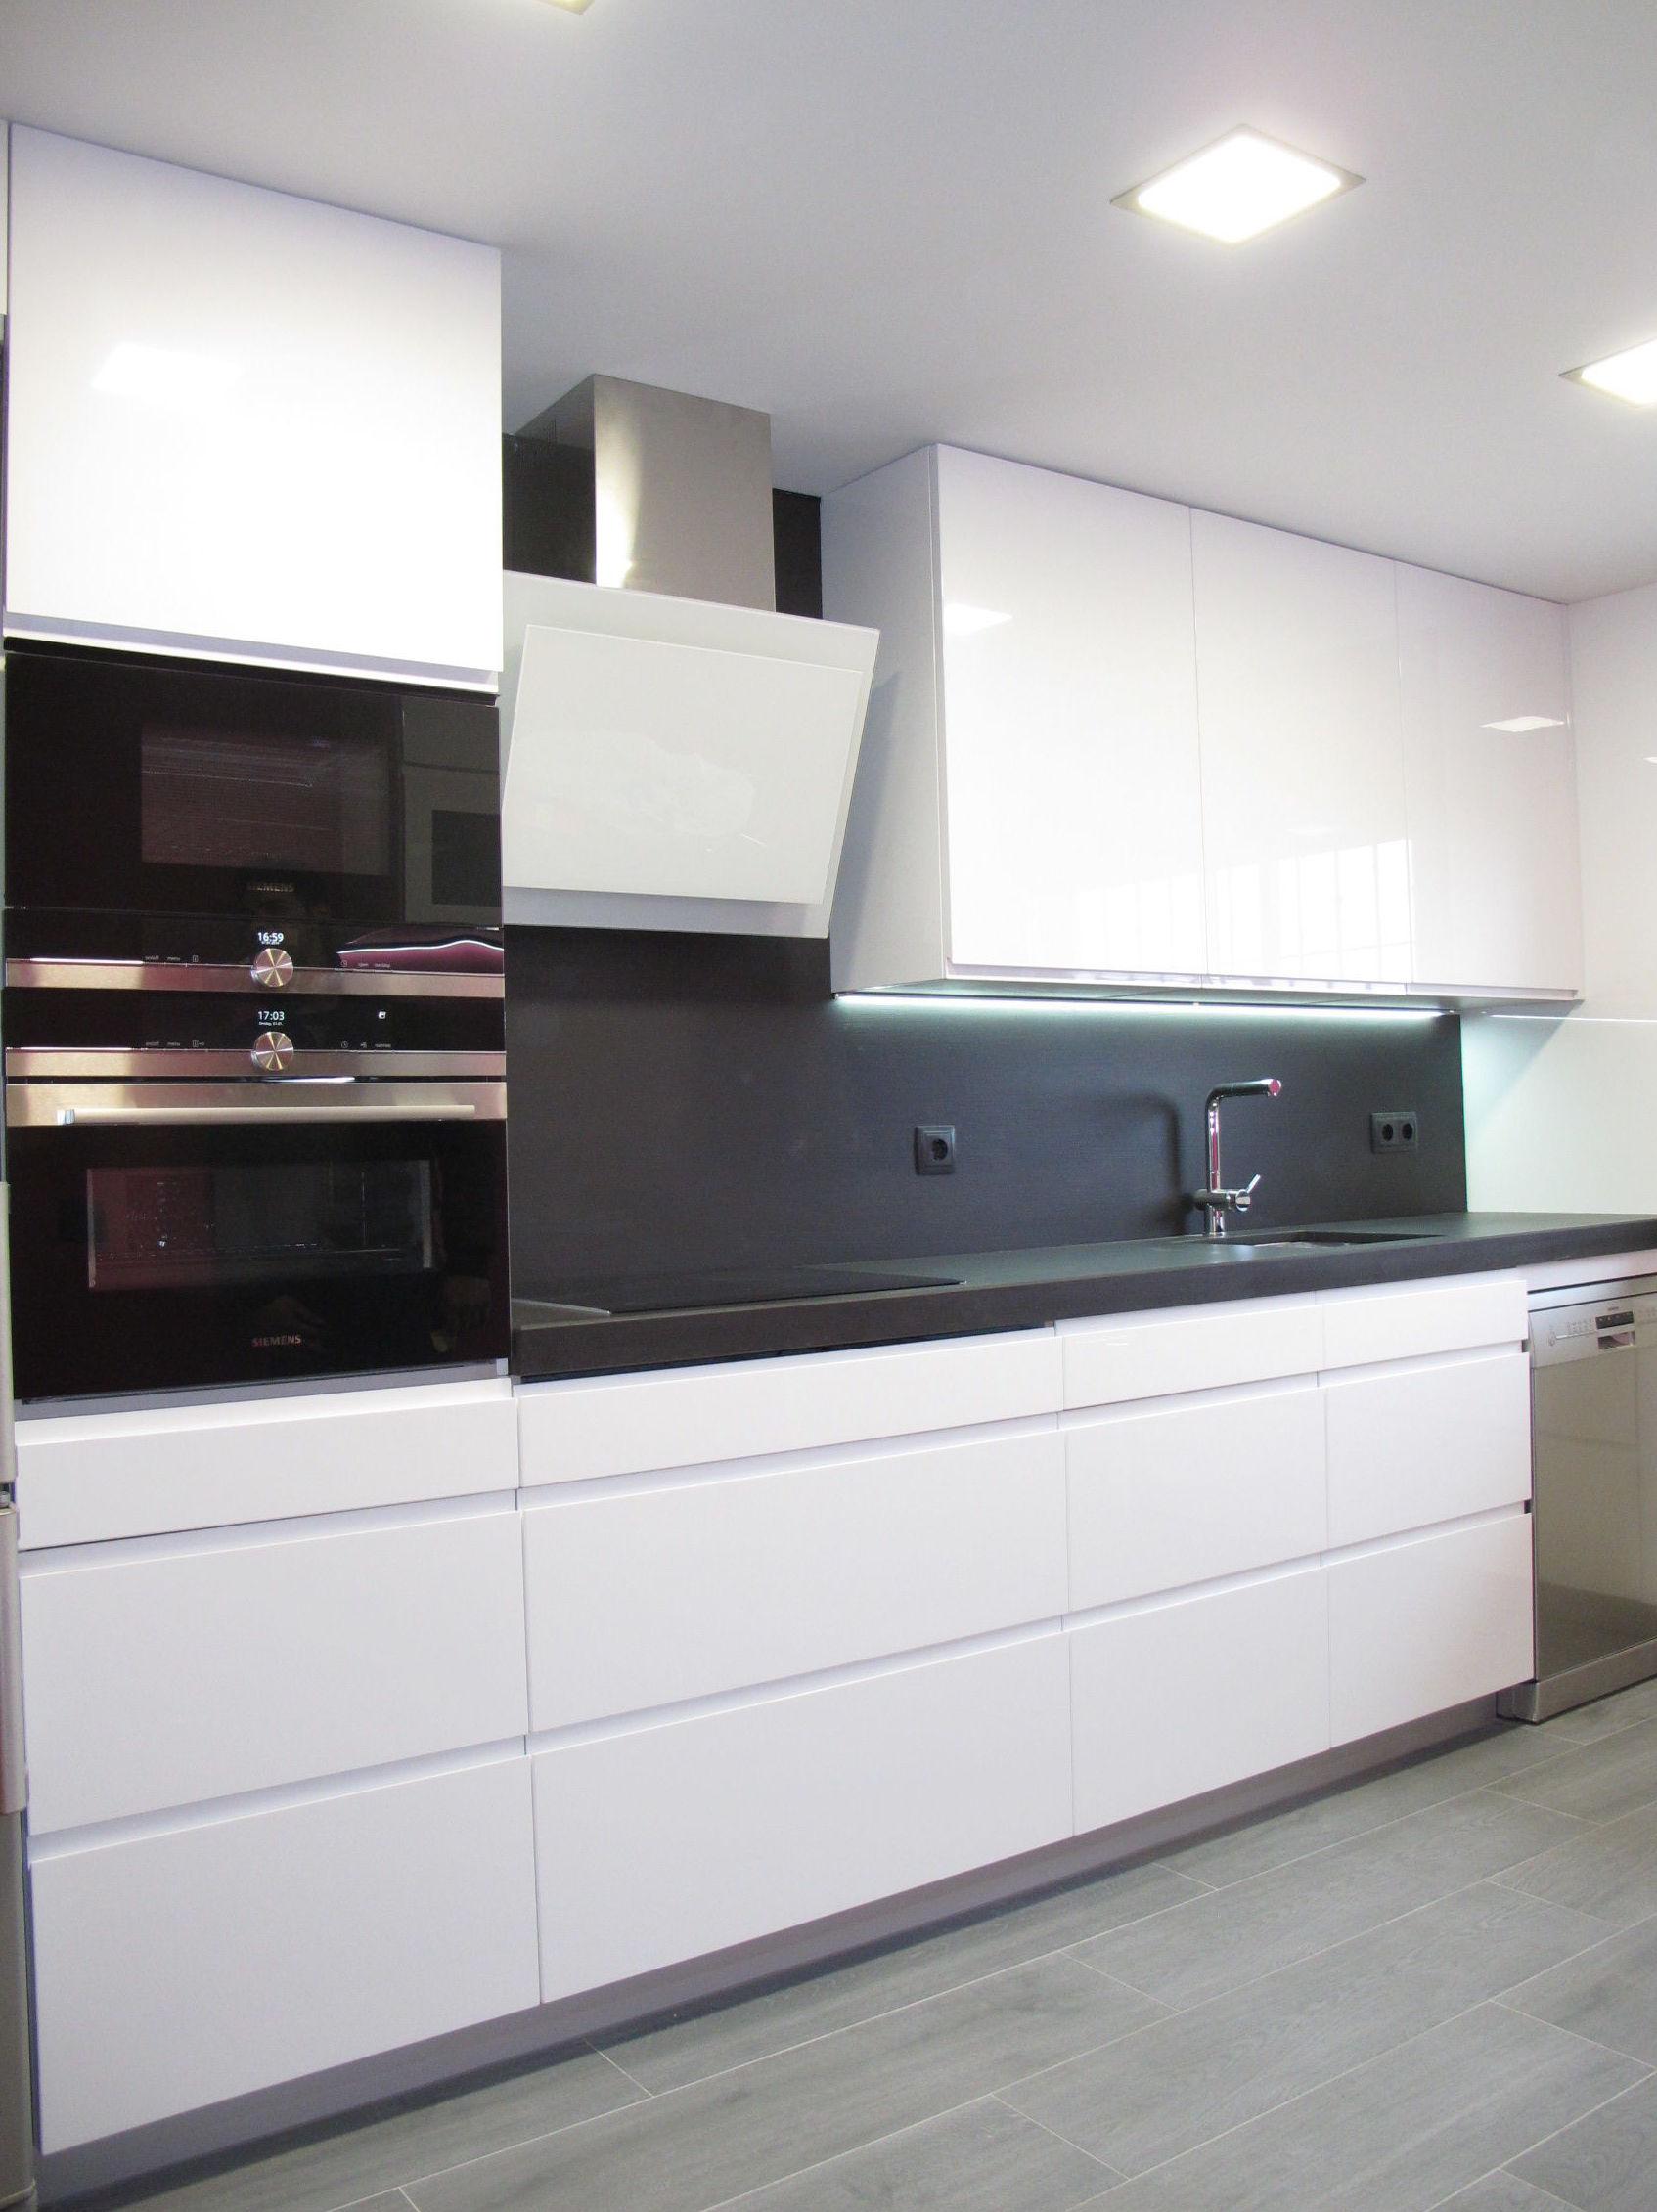 Muebles de Cocina - Proyecto realizado en coslada: Catálogo de Diseño en Cocinas MC